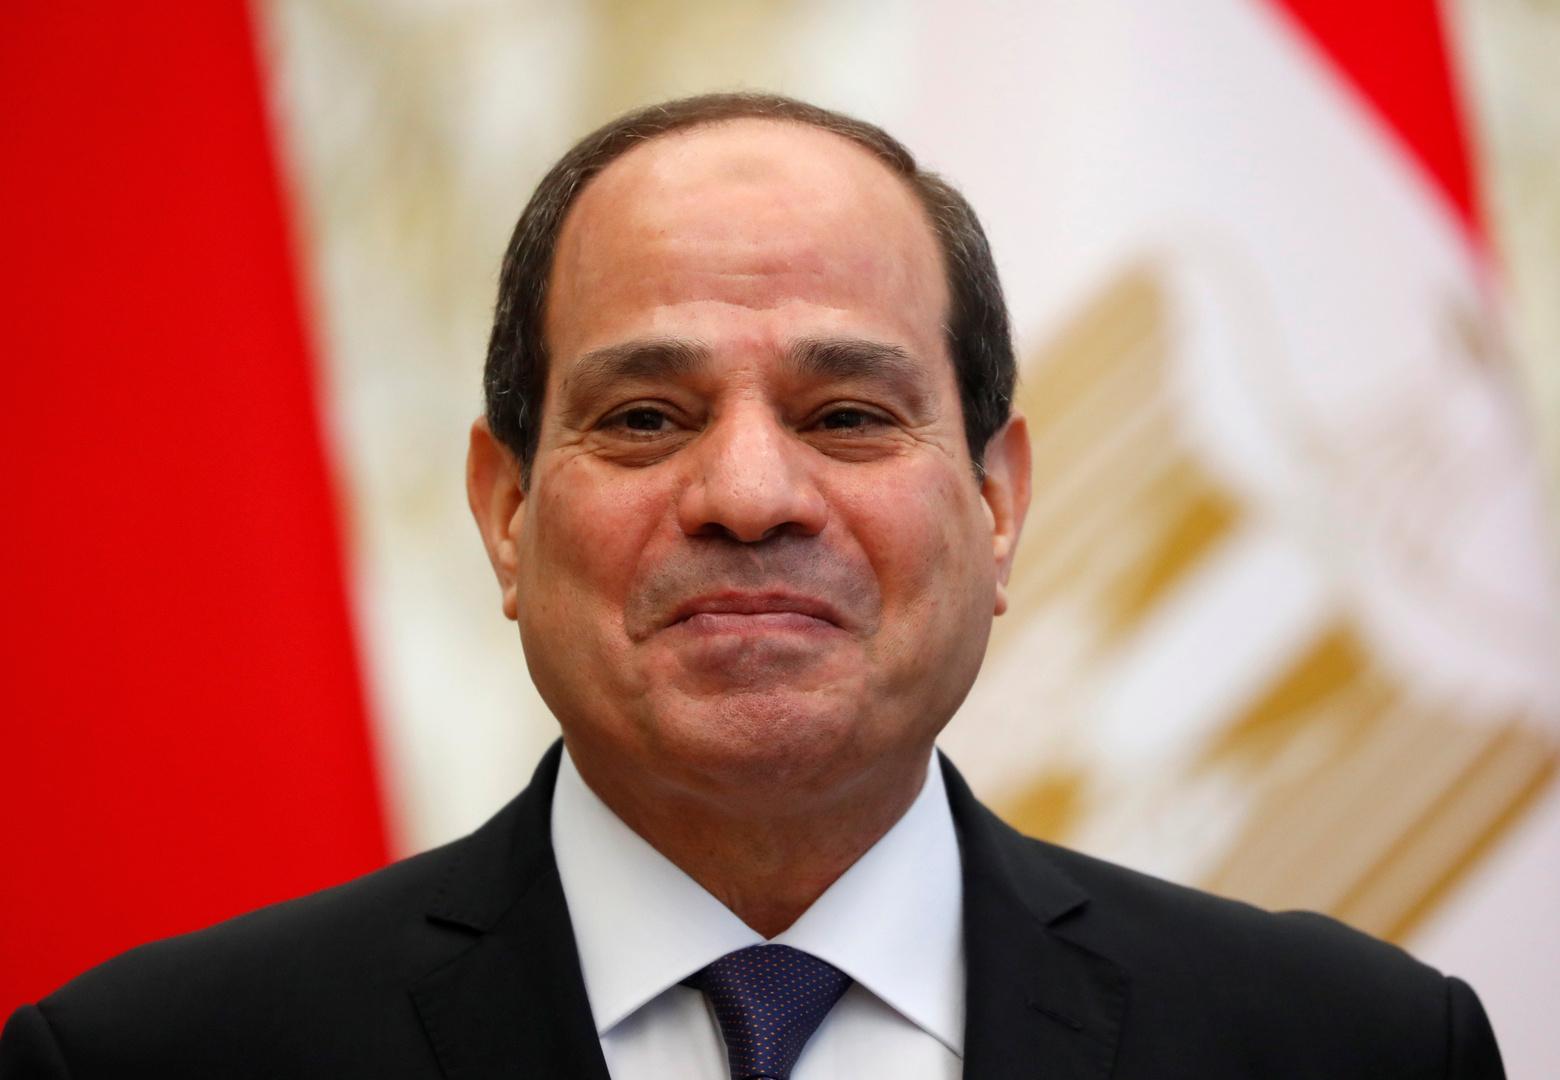 رسالة من السيسي لرئيس جنوب إفريقيا تتضمن موقف مصر إزاء قضية سد النهضة